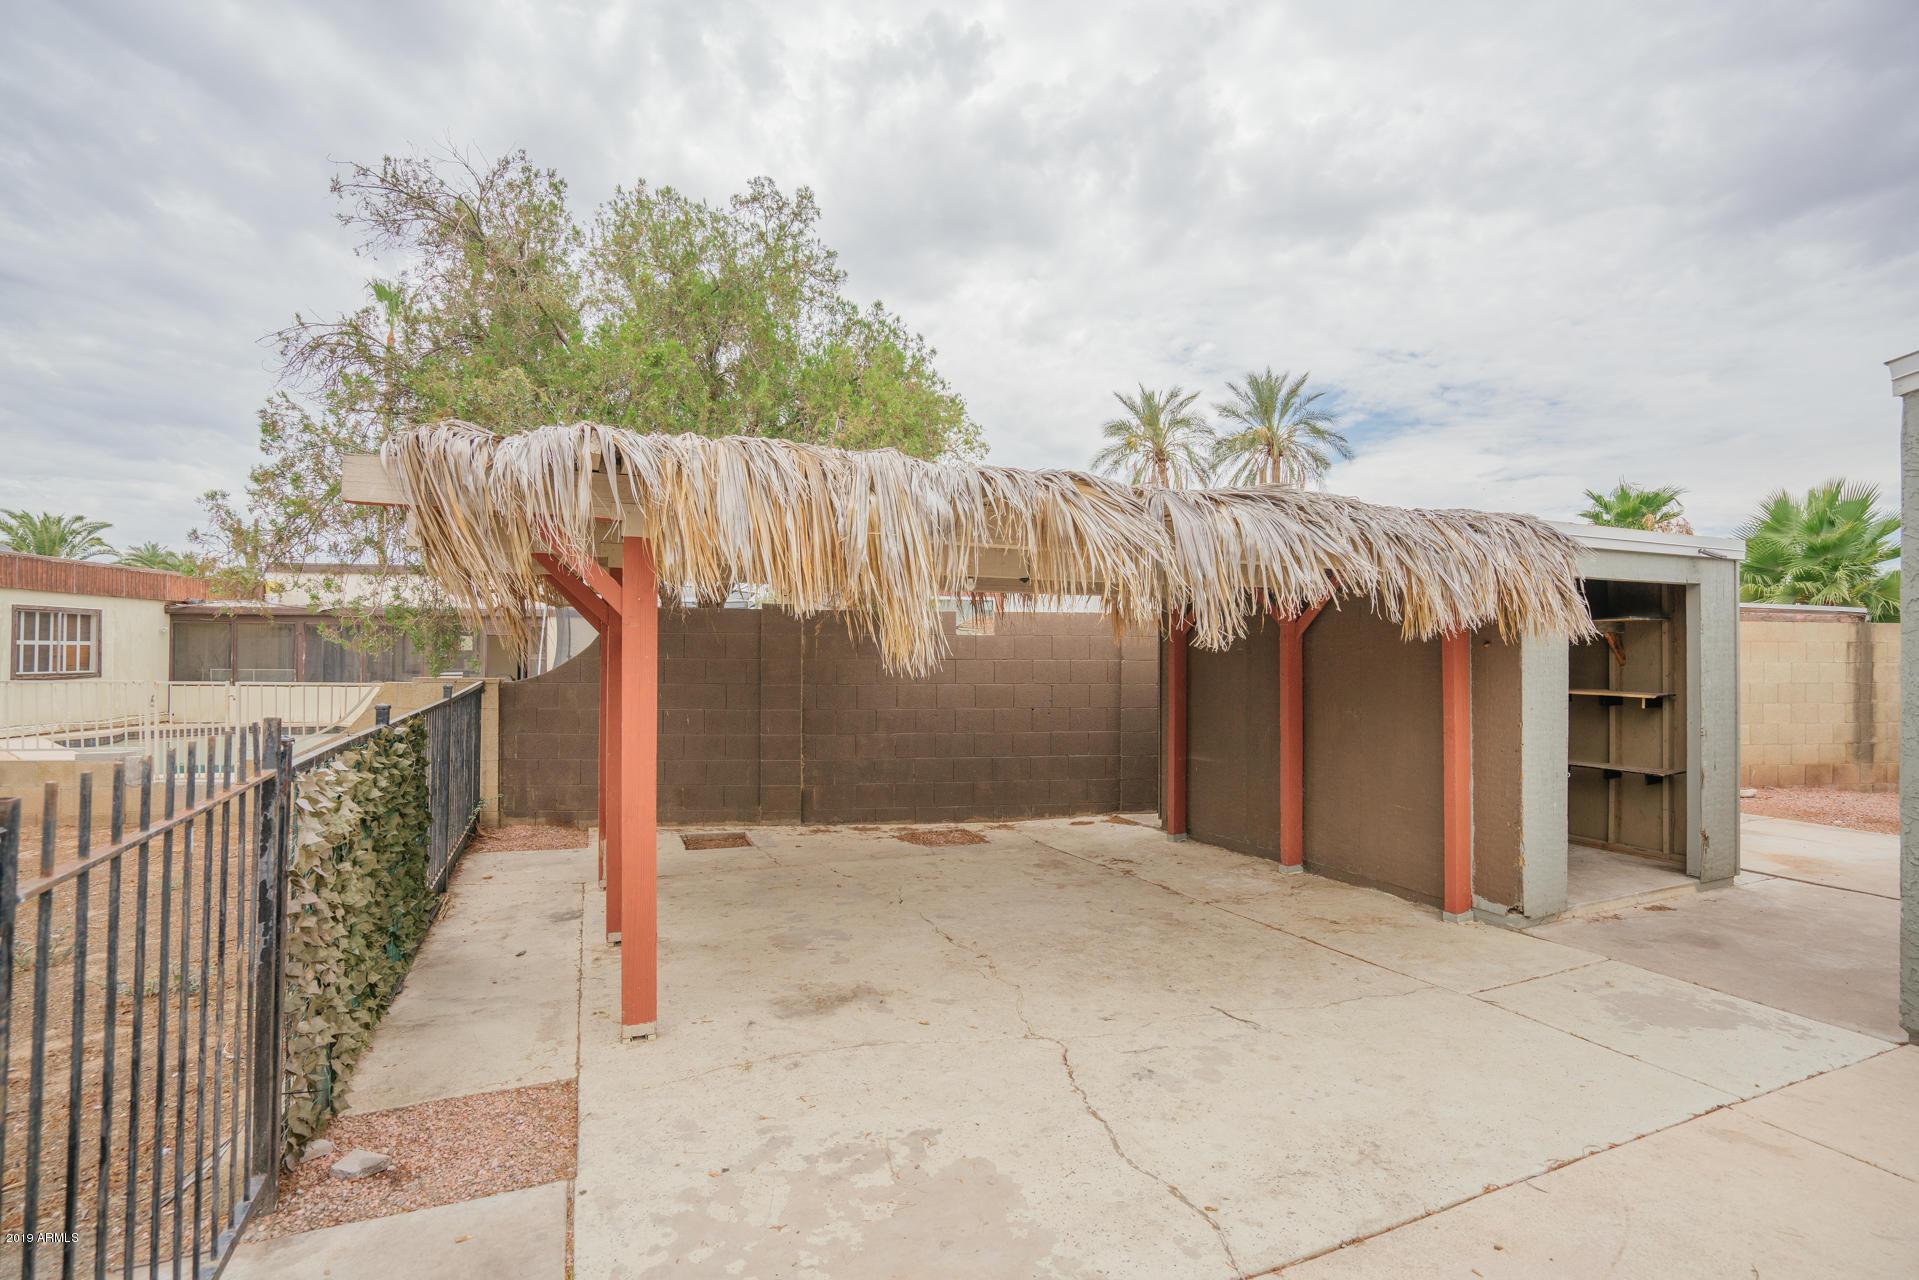 MLS 5959403 4127 N 105TH Avenue, Phoenix, AZ 85037 Phoenix AZ Villa de Paz